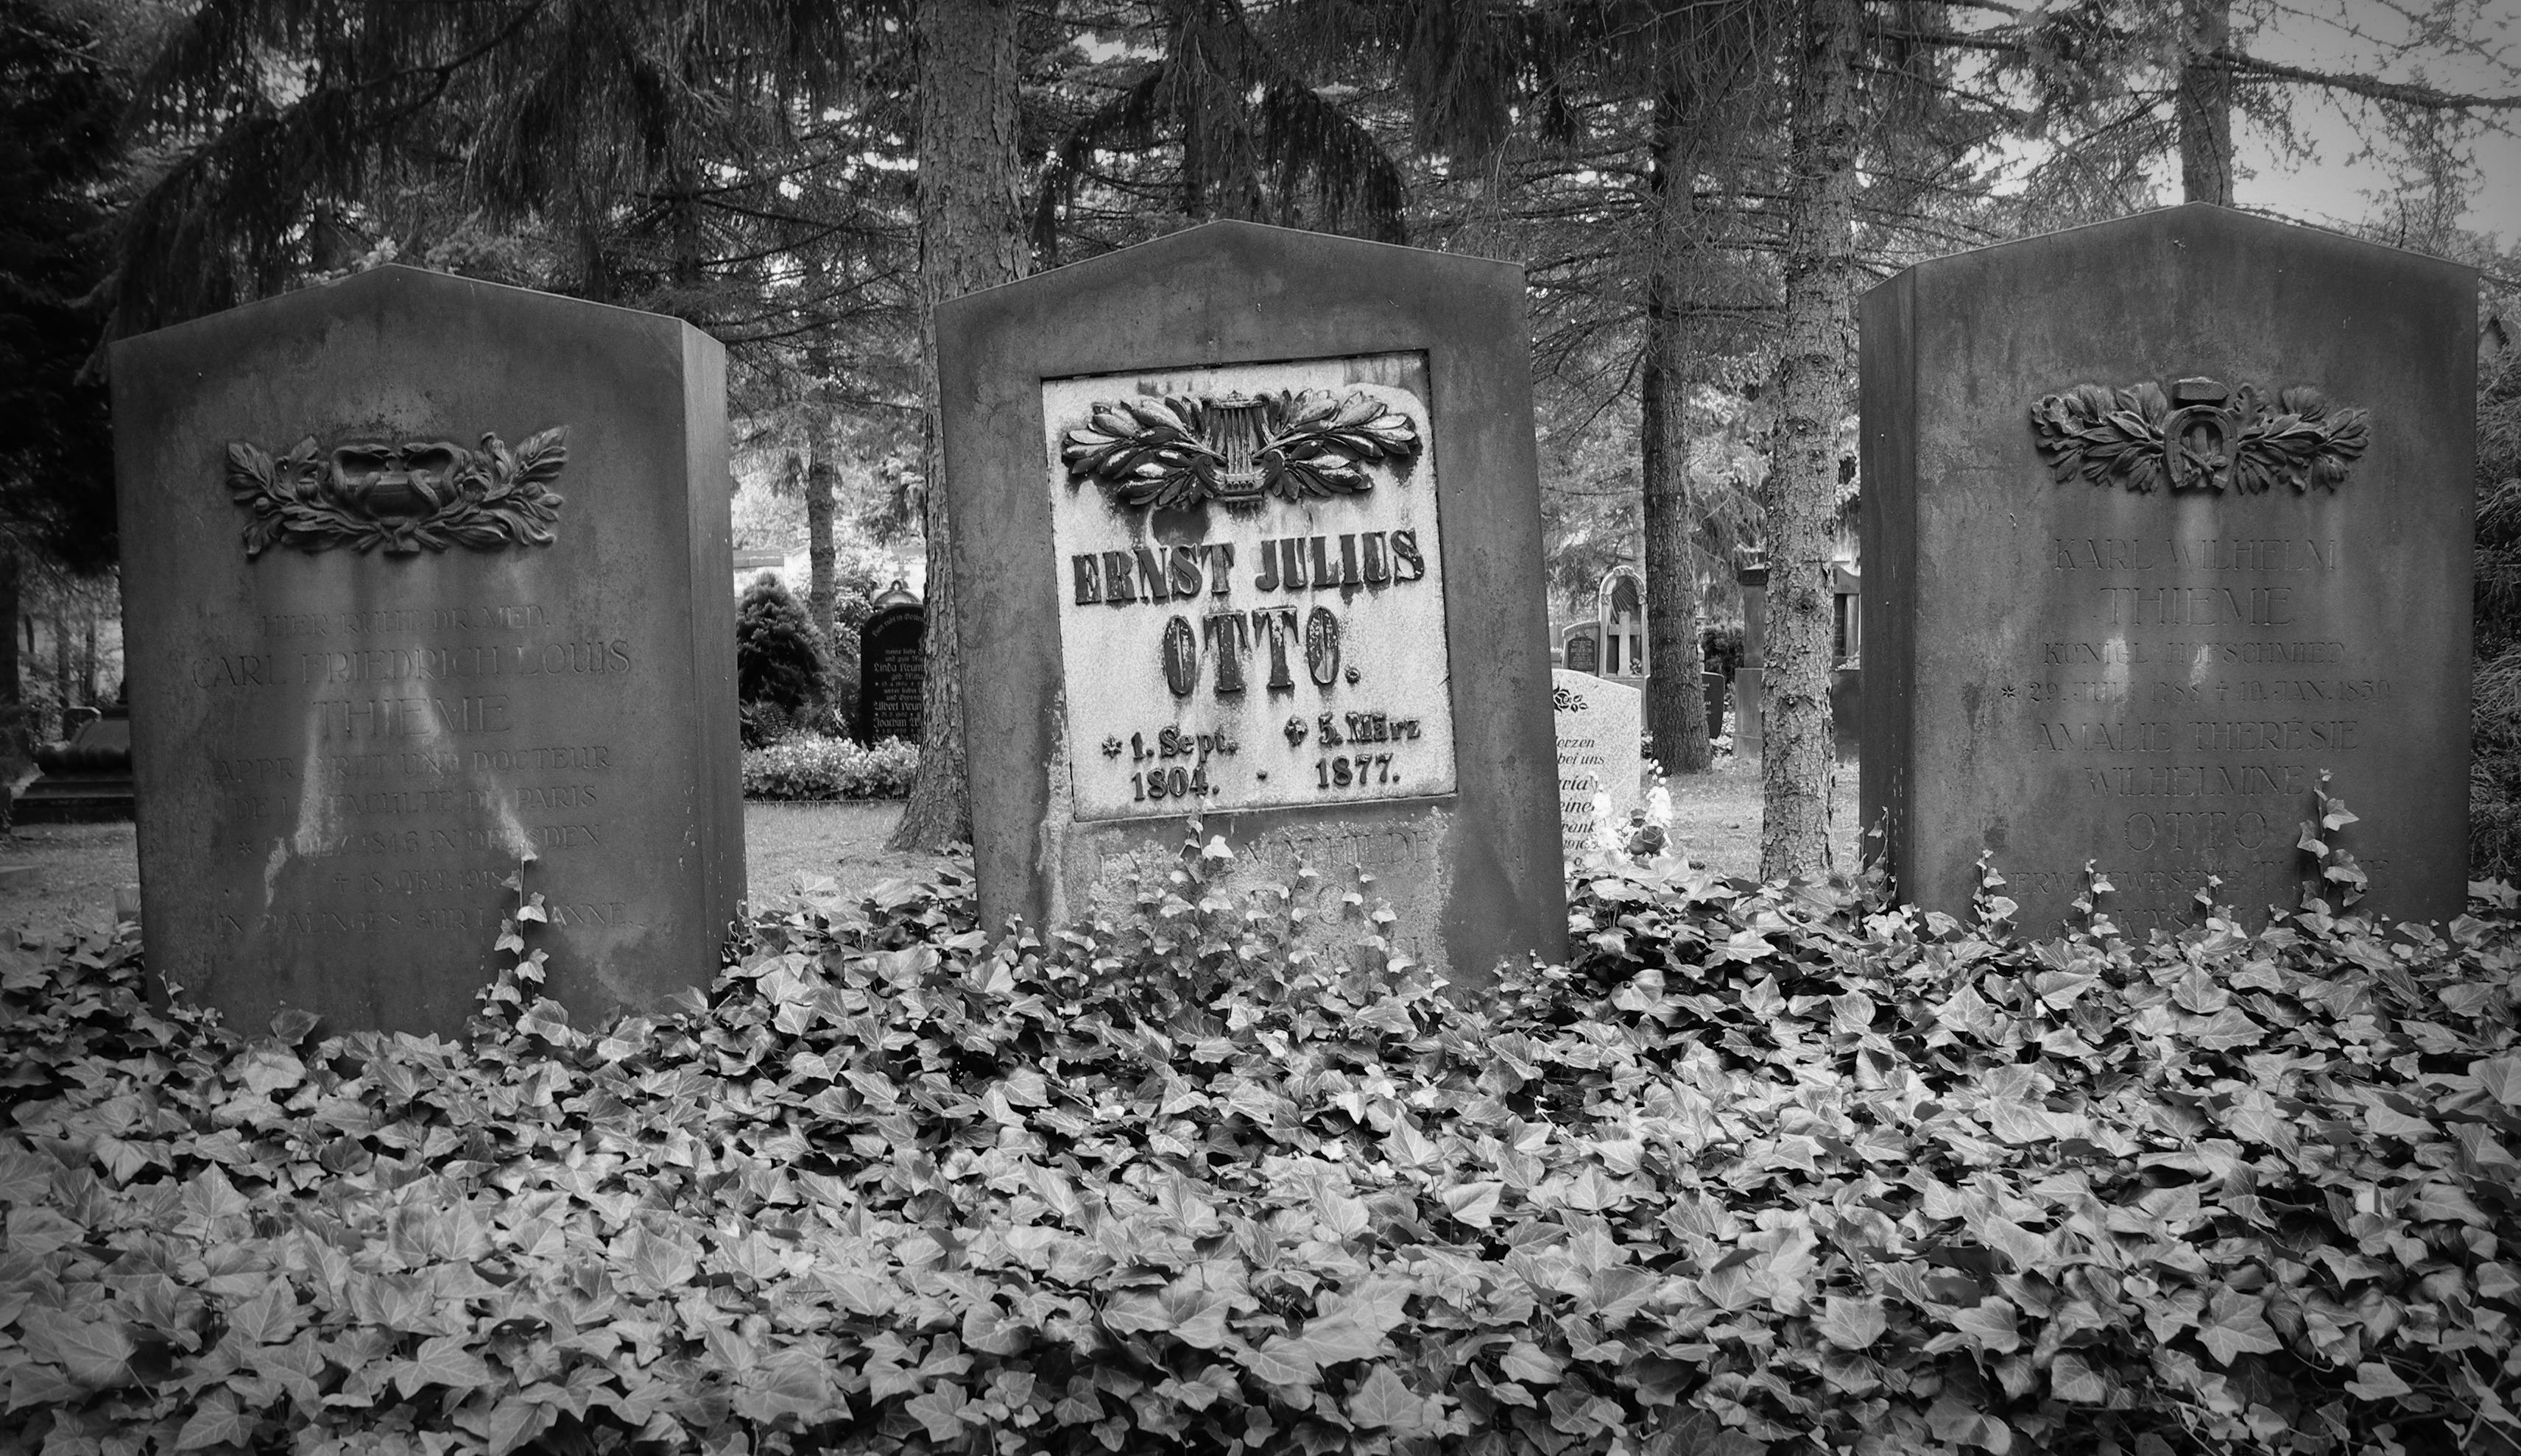 Grabstein von Ernst Julius Otto auf dem Dresdner Trinitatisfriedhof.